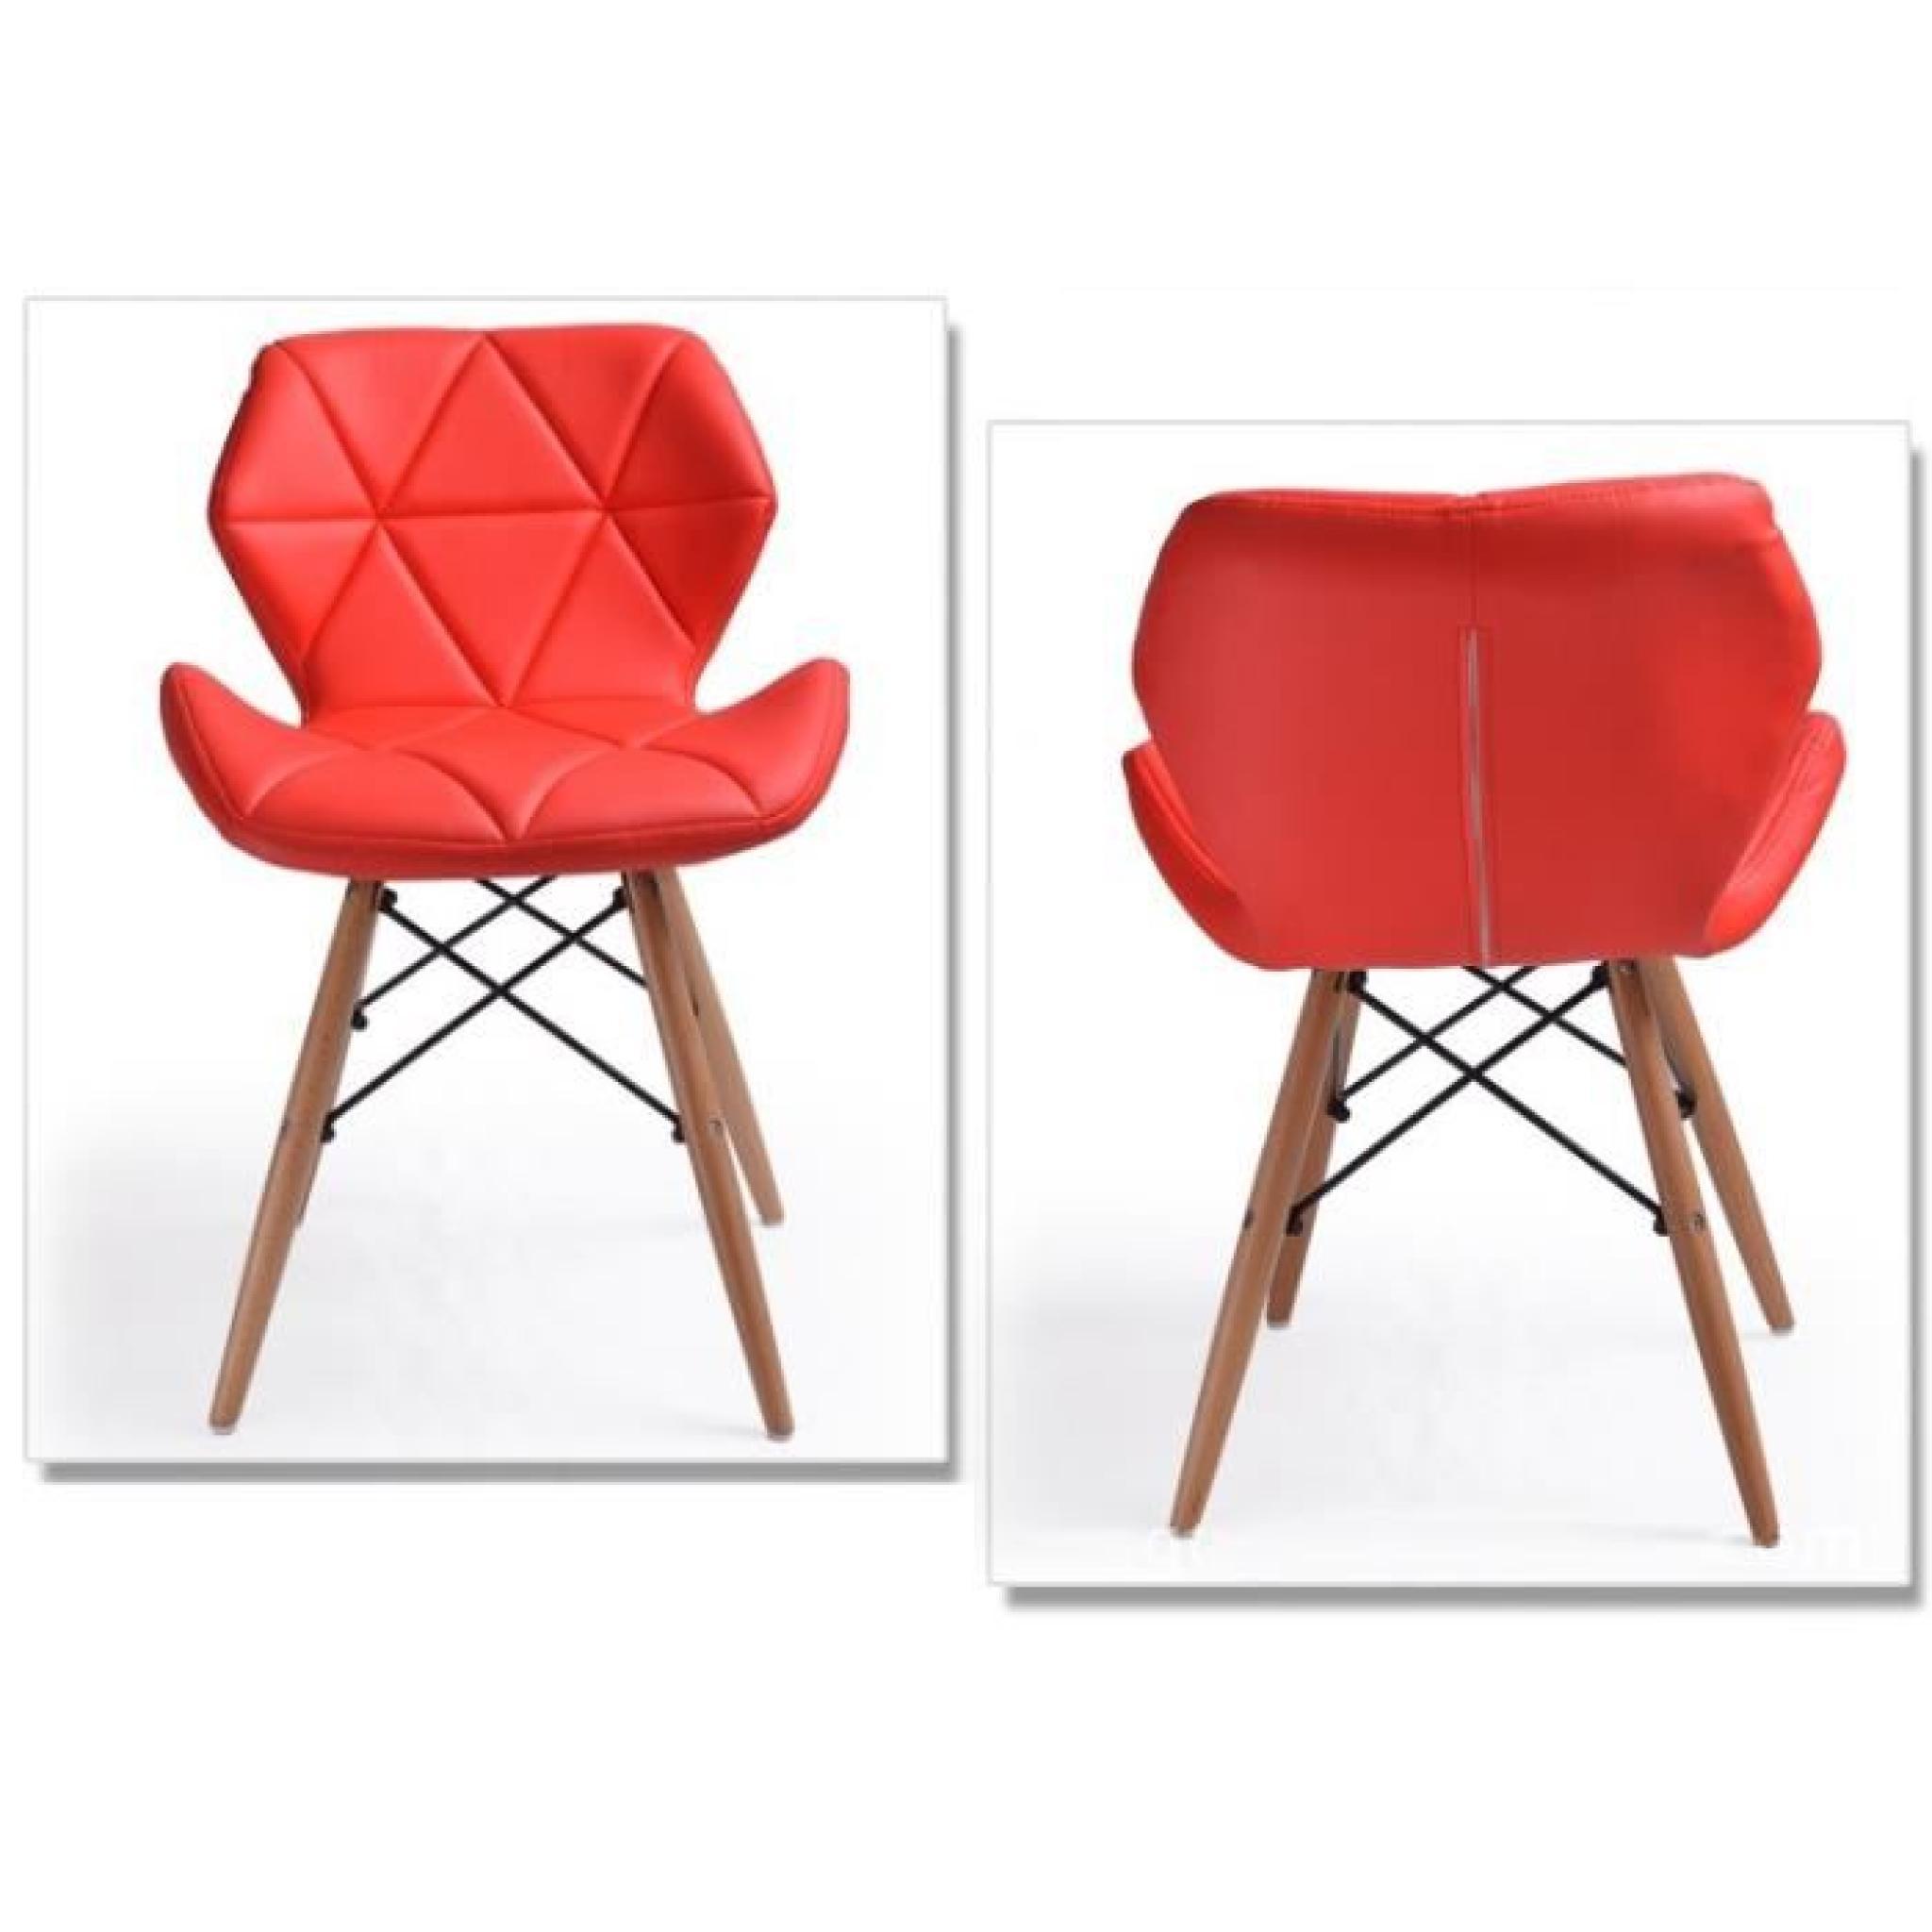 chaise fauteuil design luxe art d co r tro vintage industriel inspir eames dsw bess achat. Black Bedroom Furniture Sets. Home Design Ideas